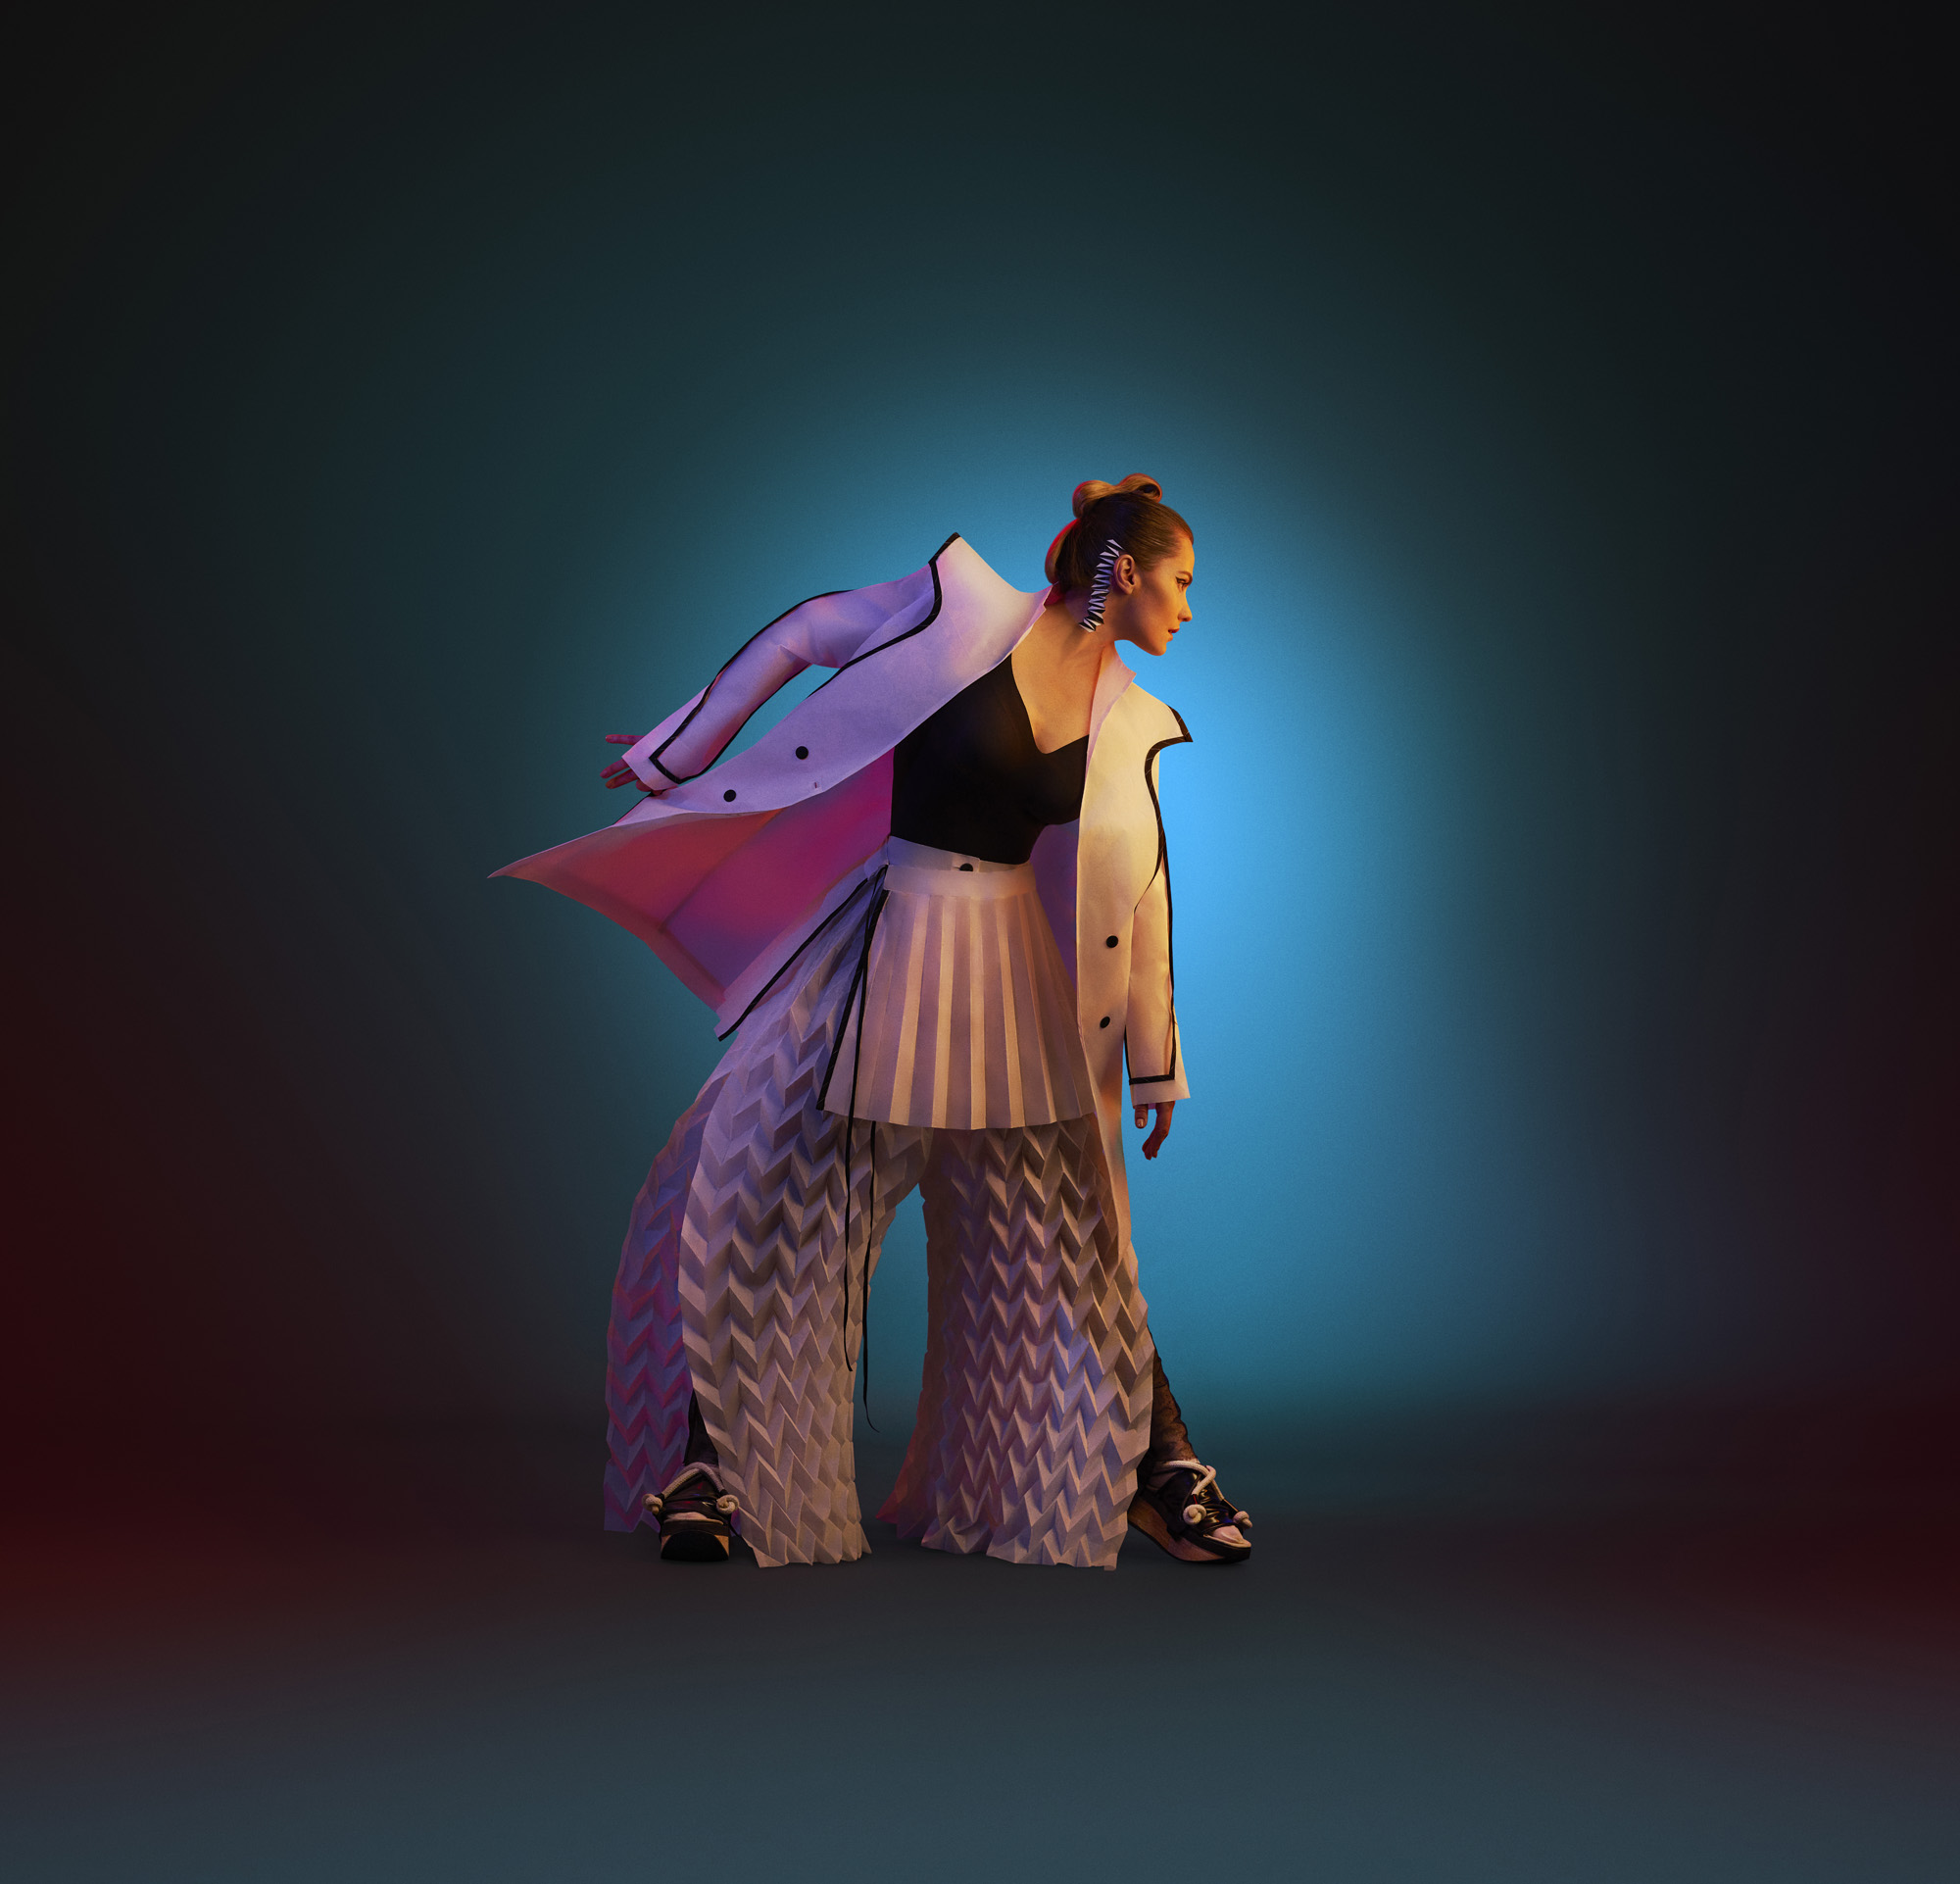 Jurgos Šeduikytės aprangos įvaizdis – tai prekės ženklo 'Between lab' kūrėjų darbas, įkvėptas apsilankymo Kazio Varnelio namuose. | O. Točickaja, OKTO Photography nuotr,